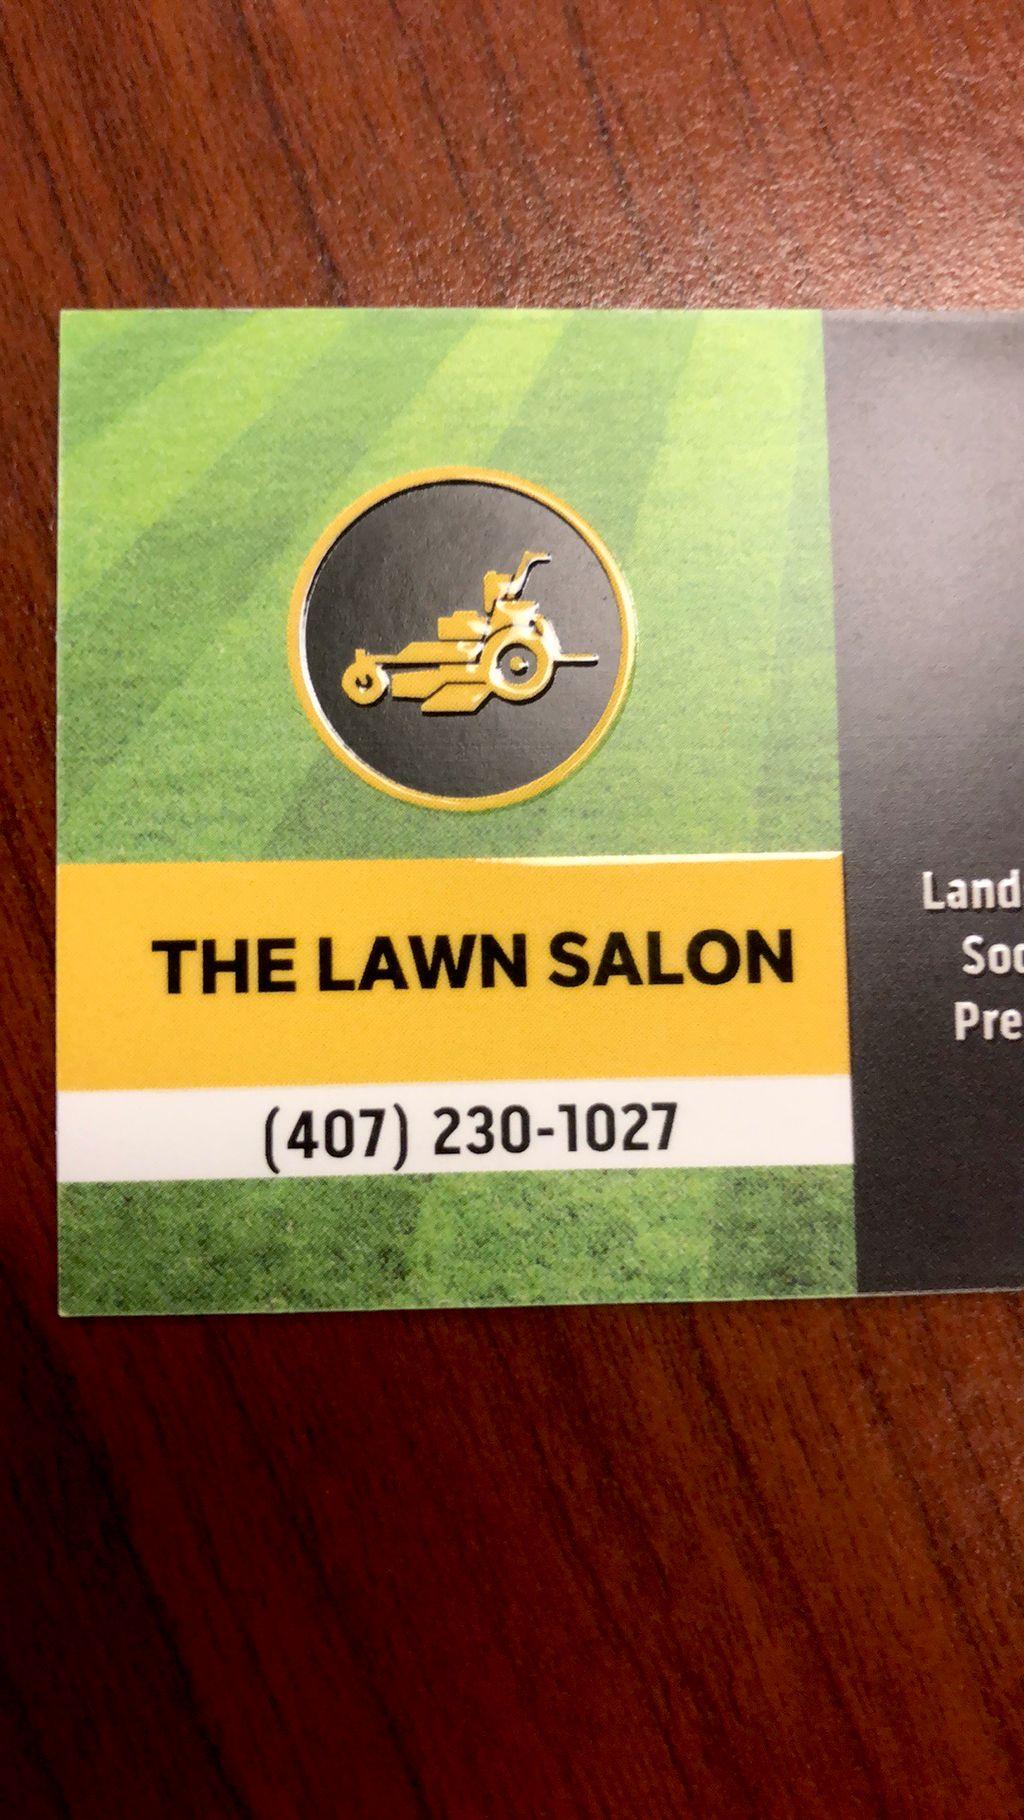 The Lawn Salon